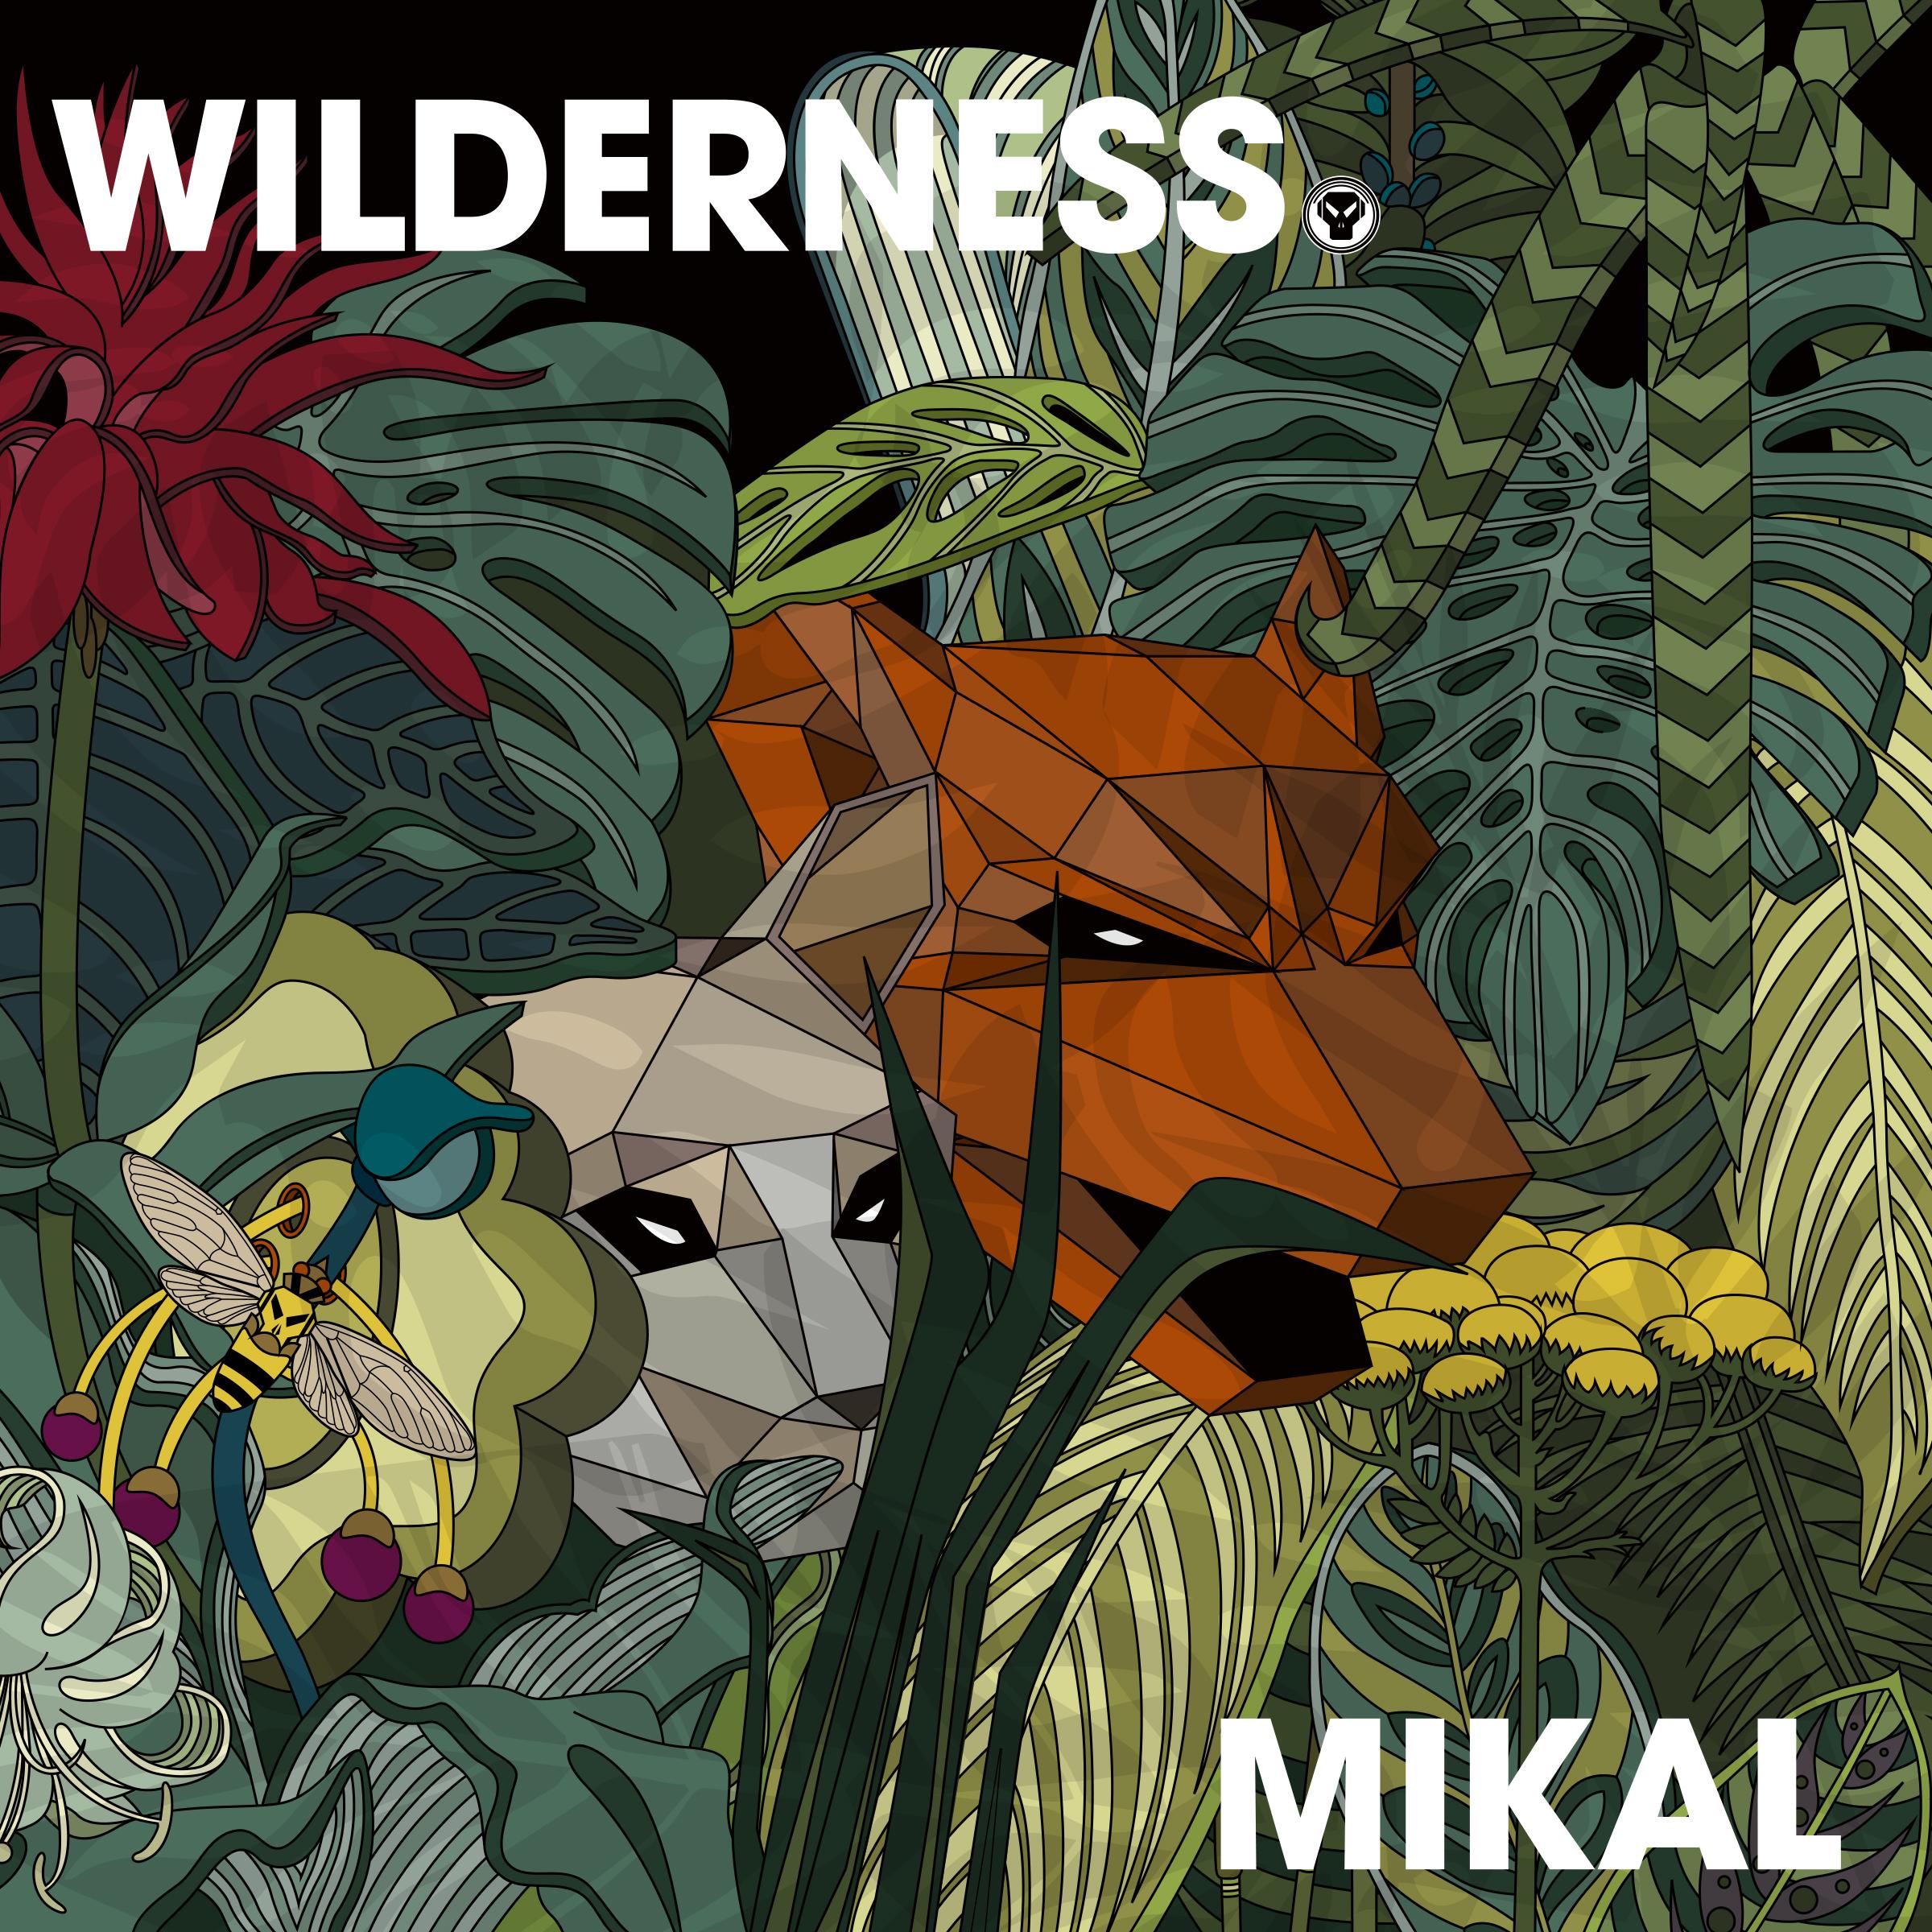 Mikal/WILDERNESS DLP